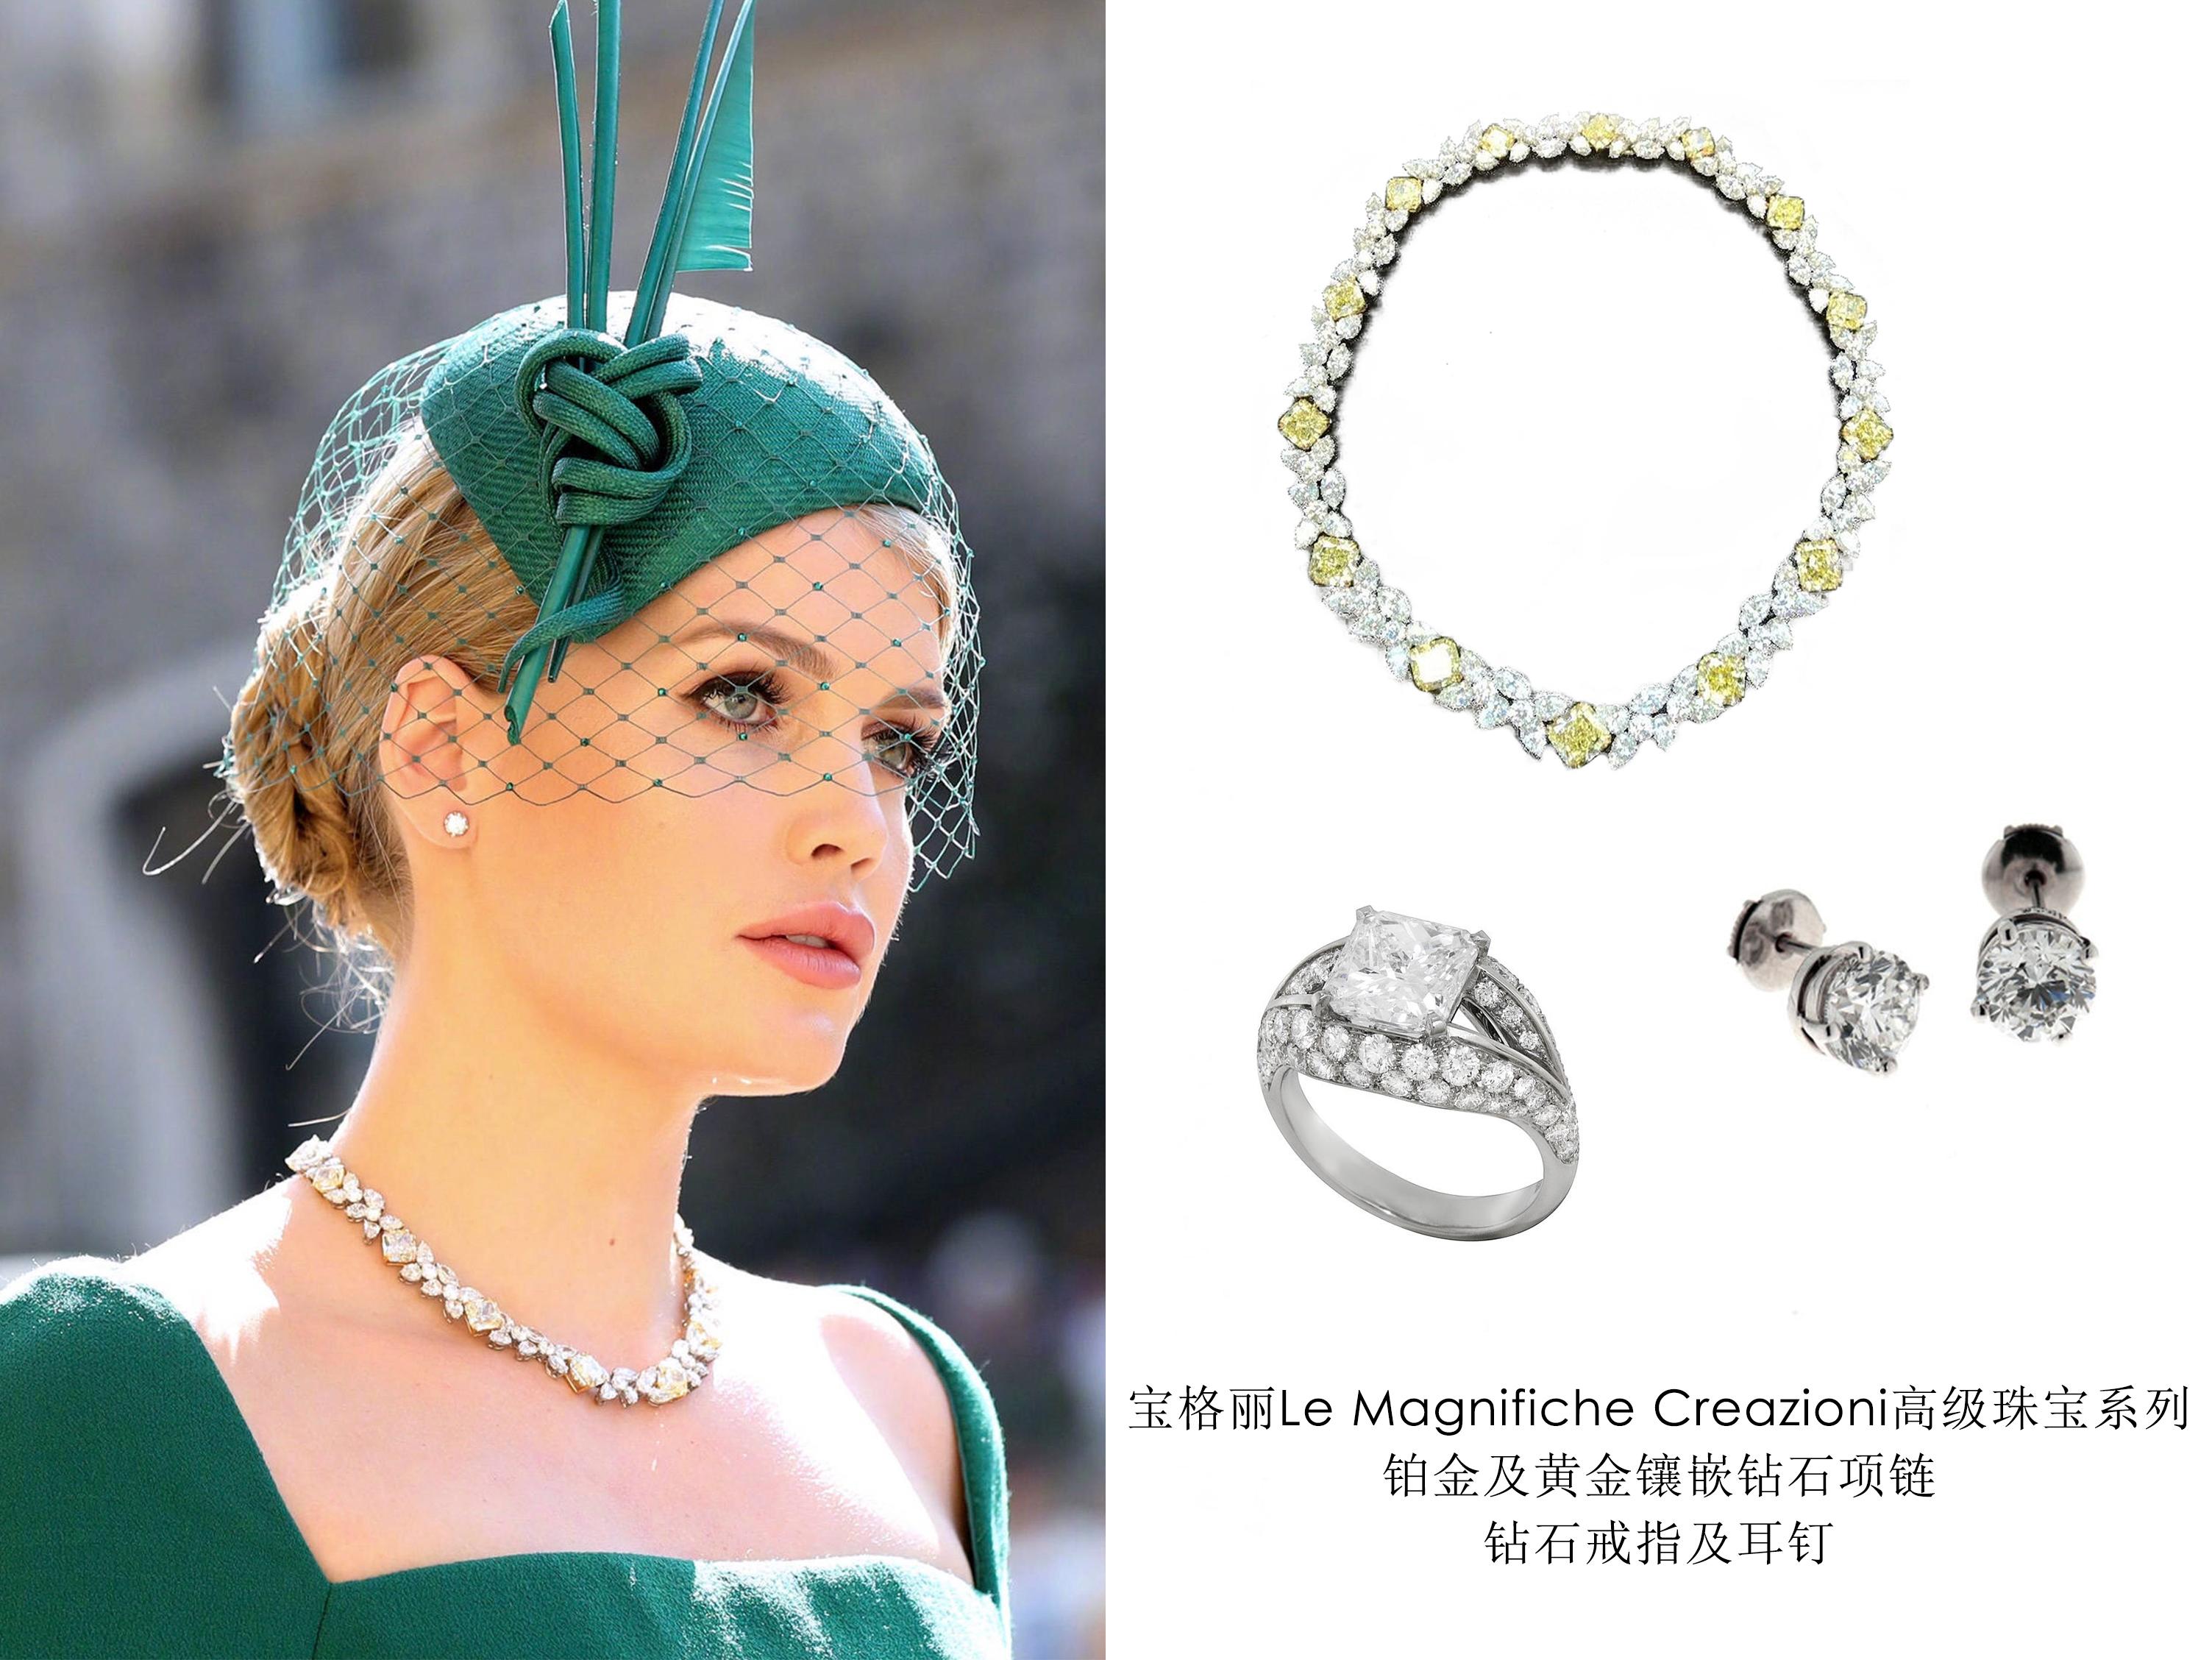 哈利王子大婚宾客都戴什么珠宝抢镜